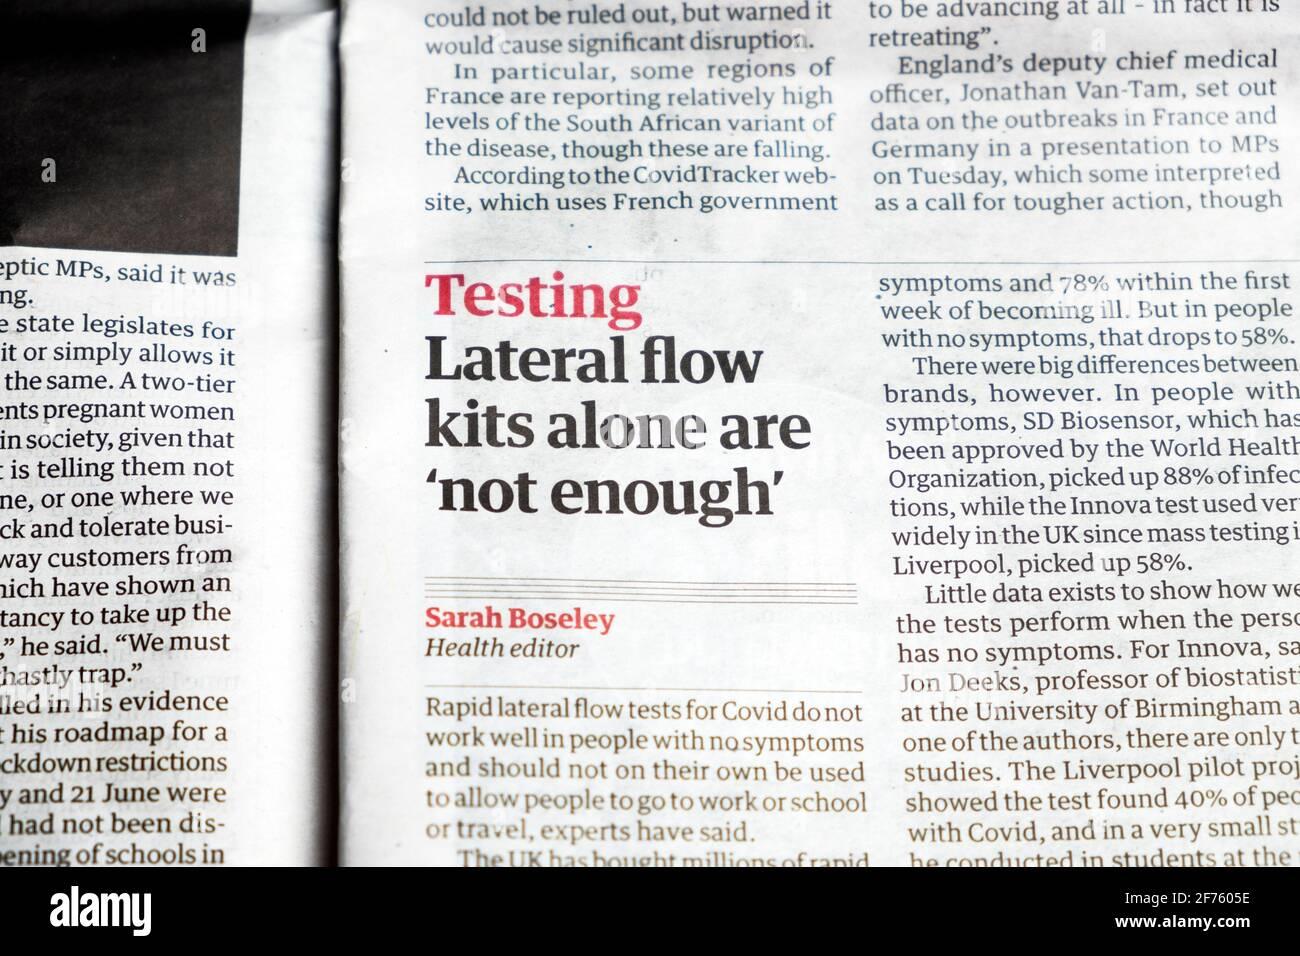 Coronavirus Covid 19 test test test test 'i kit di flusso laterale da soli non sono 'sufficienti; 'giornale titolo articolo in Guardian il 25 marzo 2021 UK Foto Stock